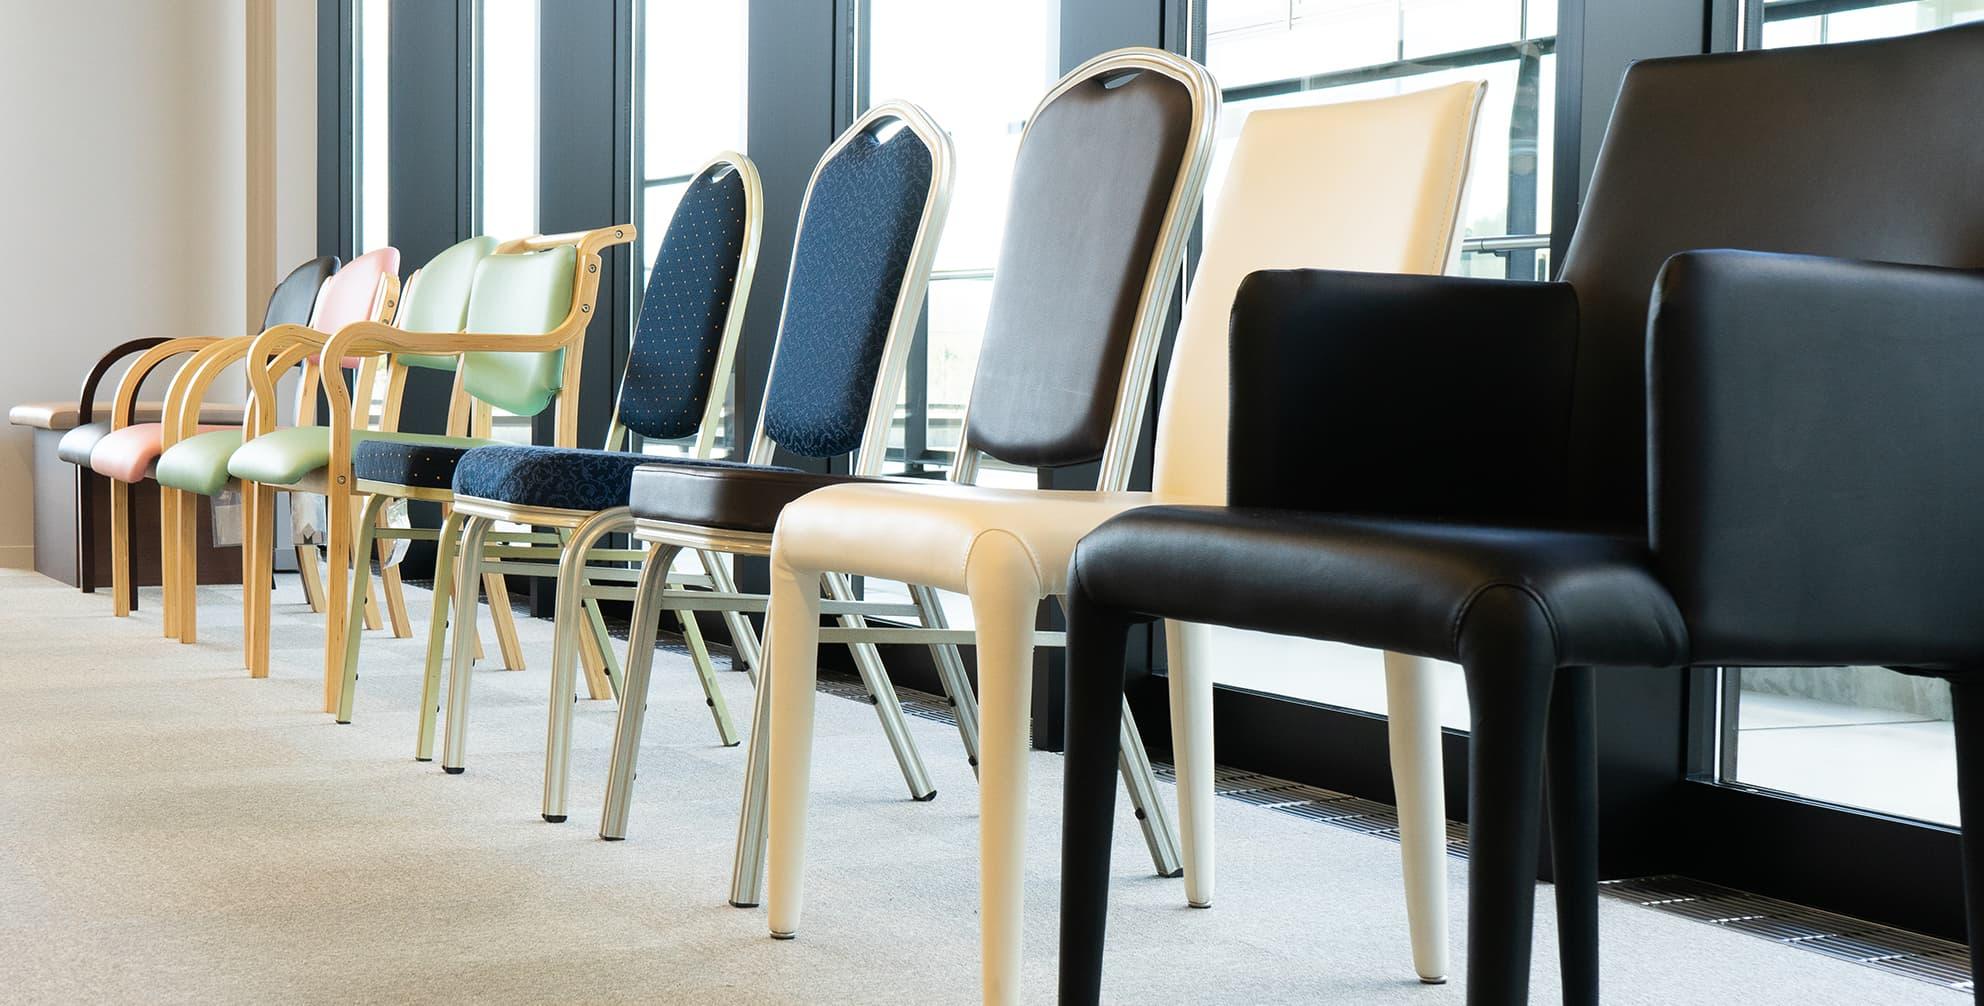 ハストネットショールーム 椅子